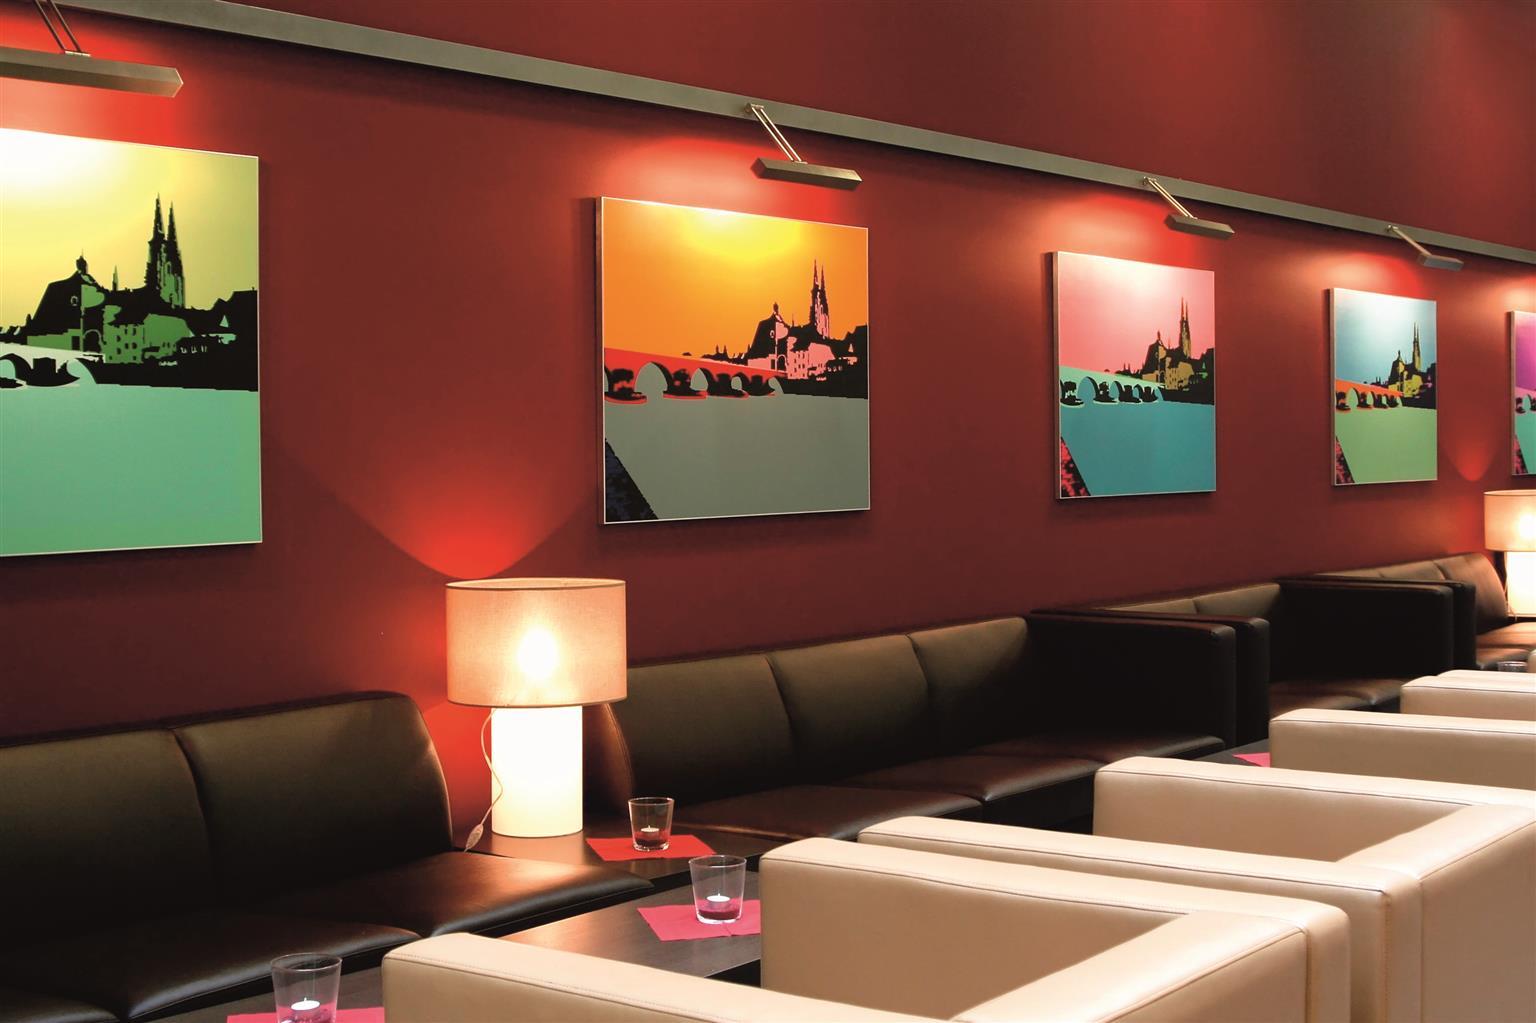 Couch Regensburg Rotterdam Vista Stateroom